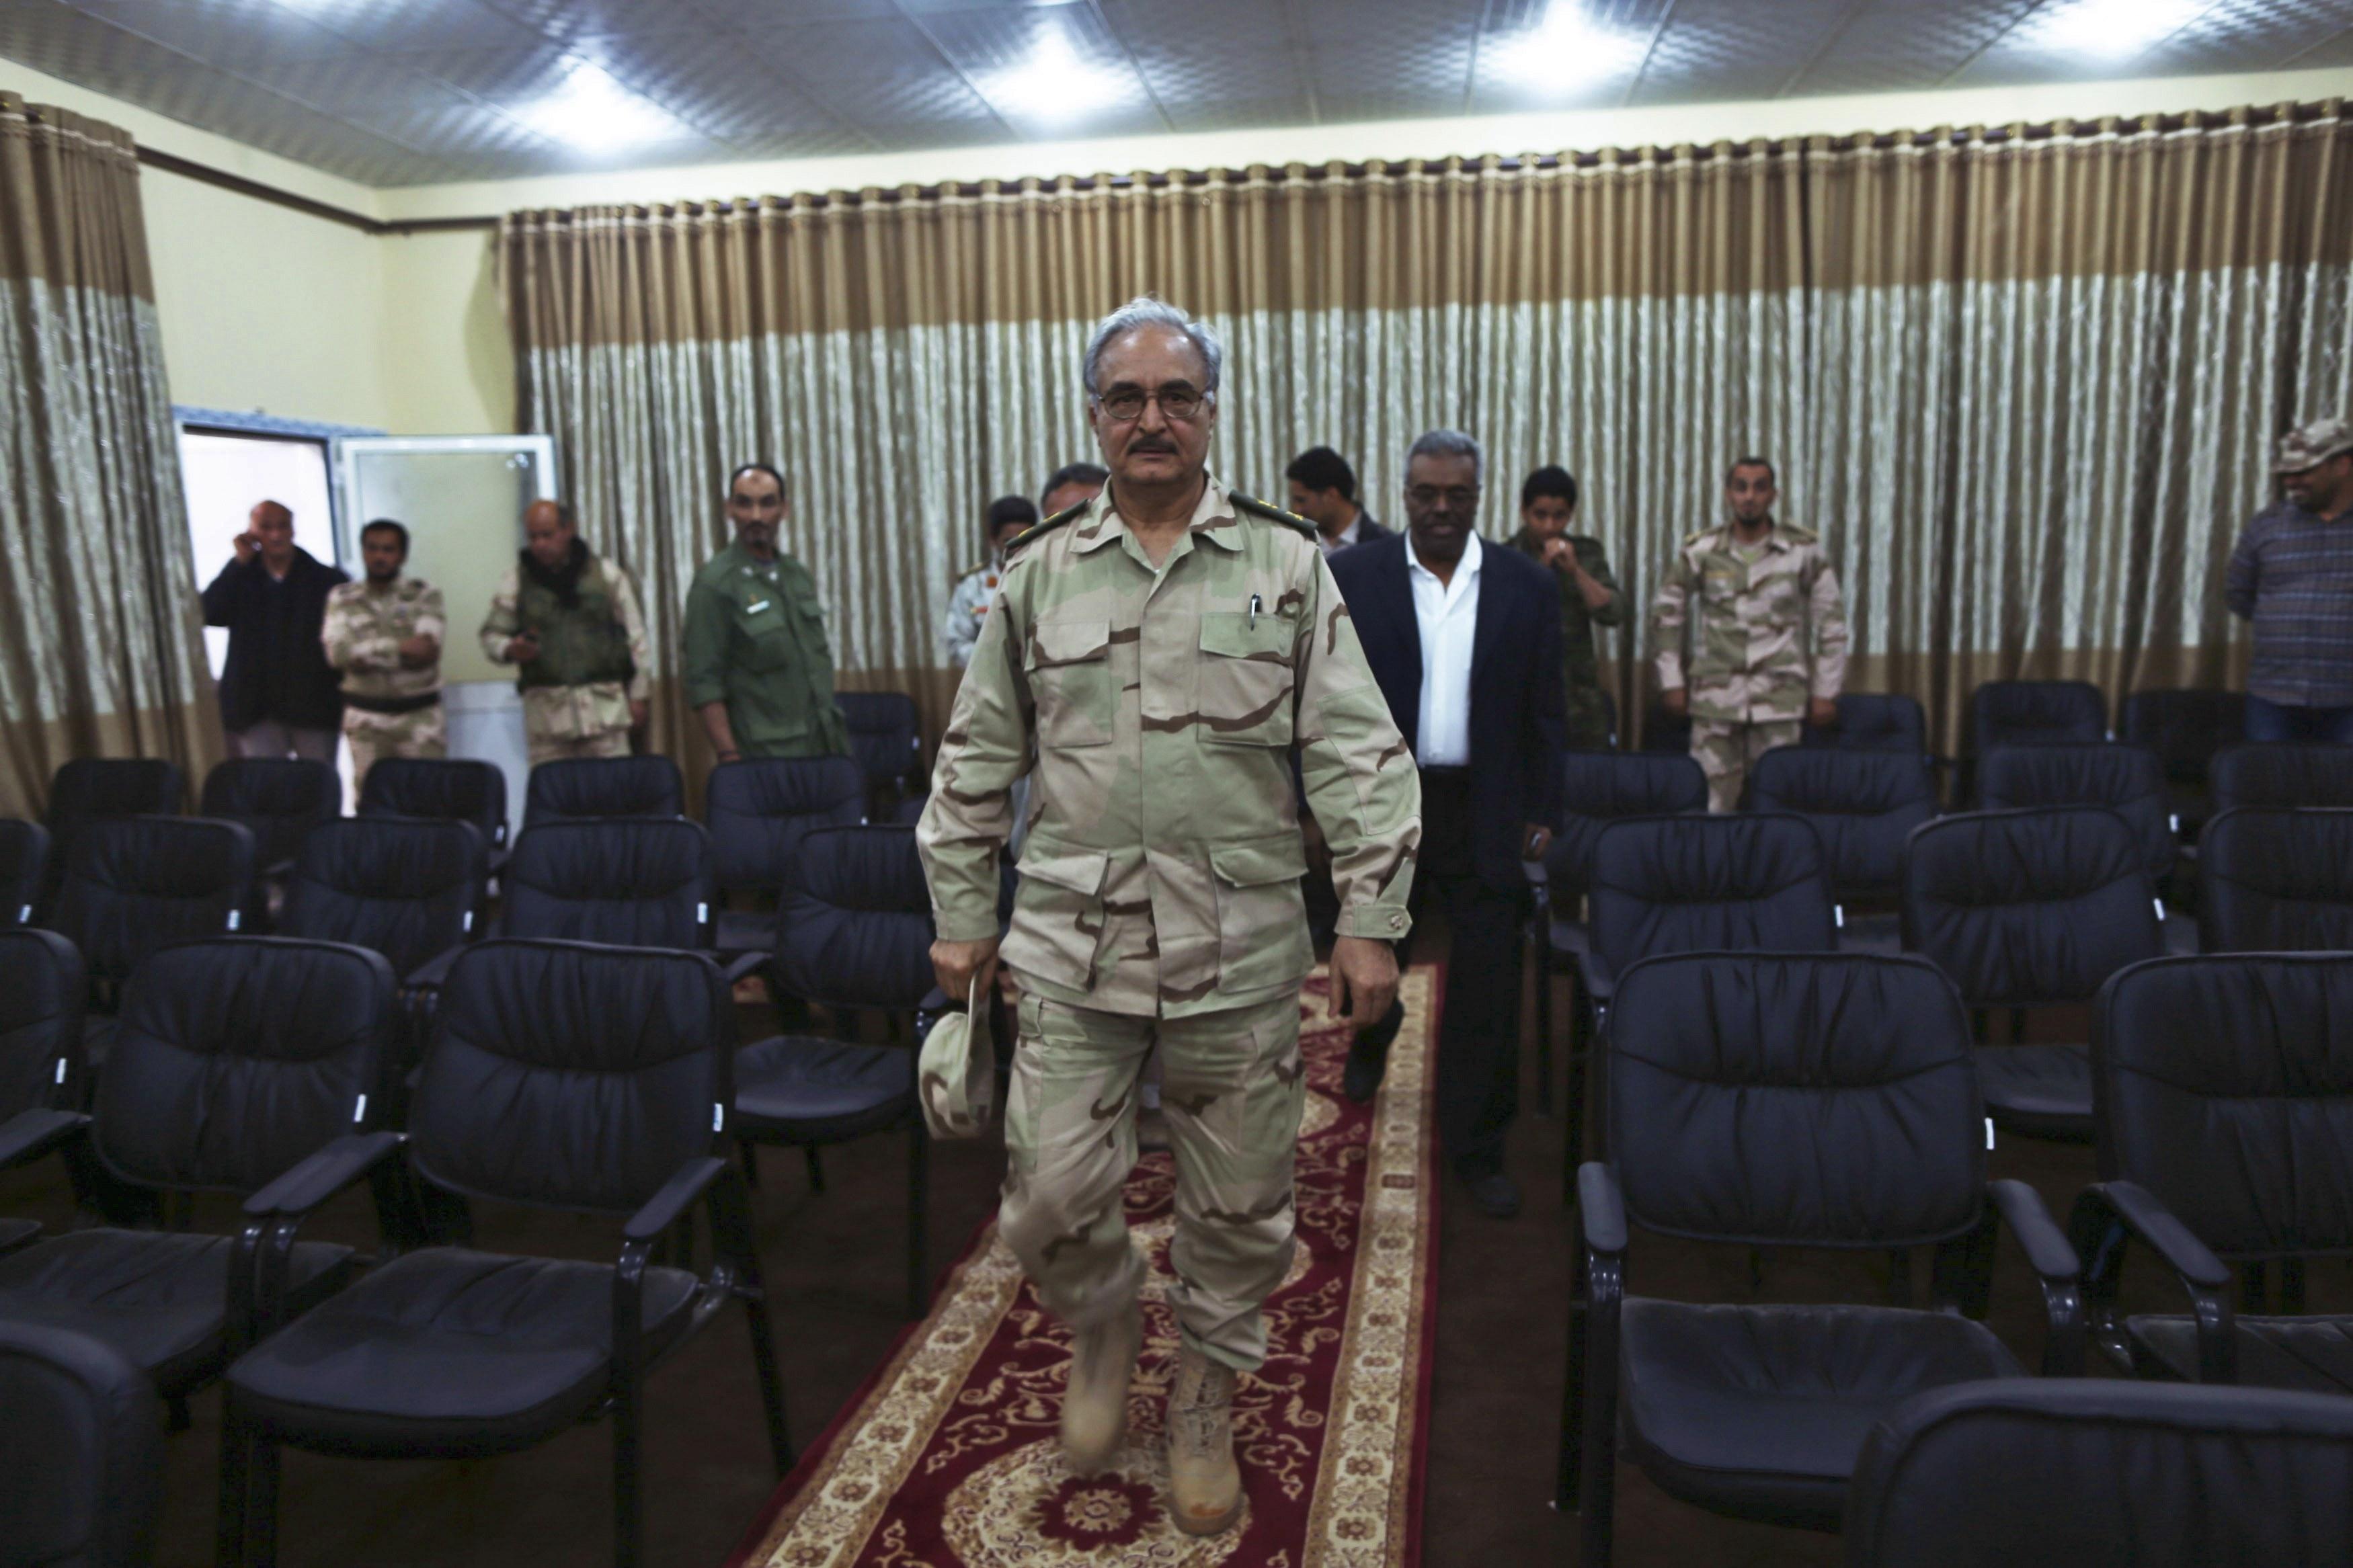 حفتر يهدد بقصف ميناء بنغازي ما لم تمتثل إدارته لأوامره